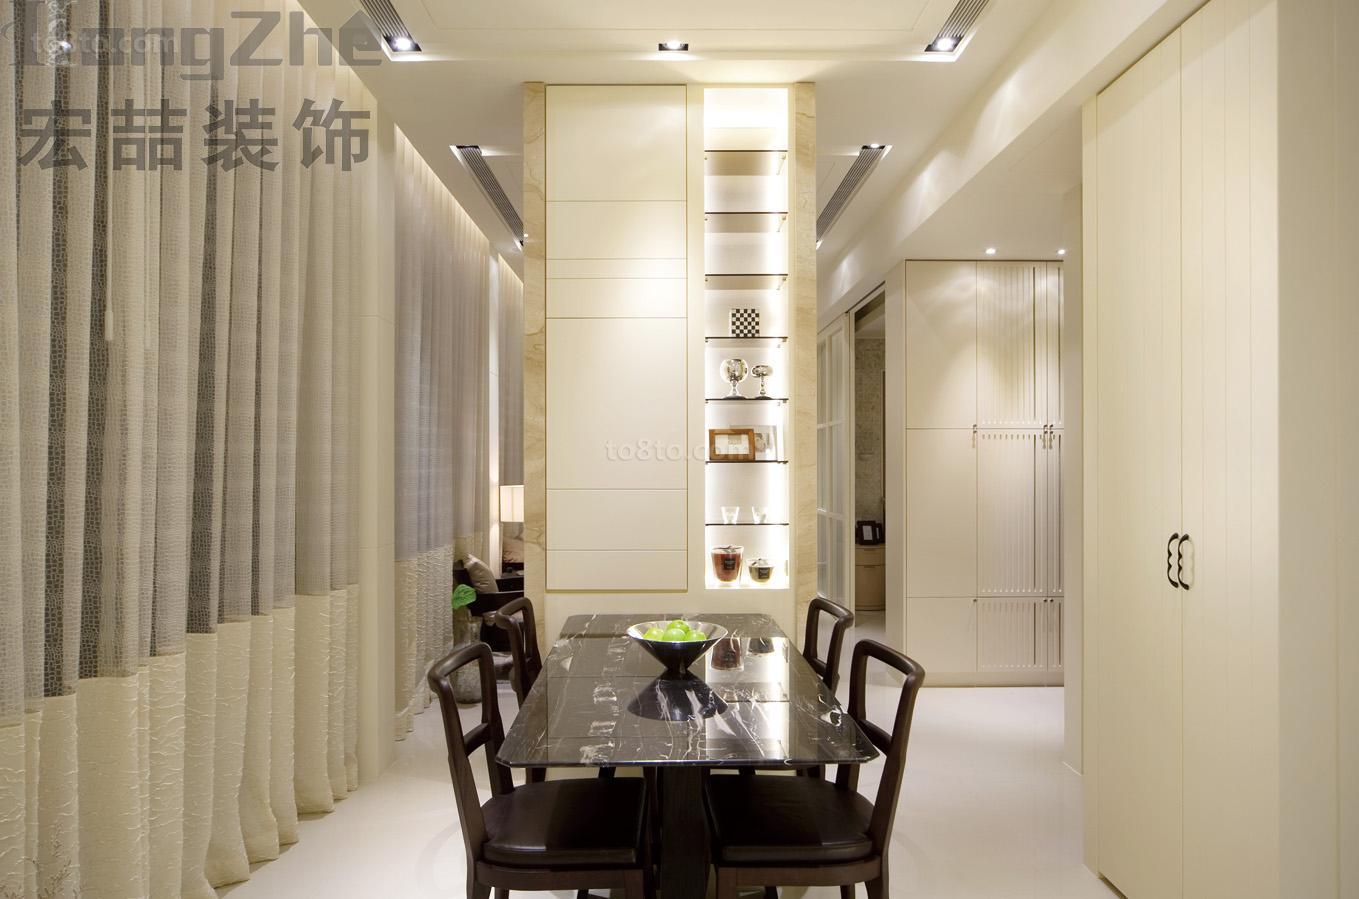 新简约风格家庭餐厅装修效果图欣赏